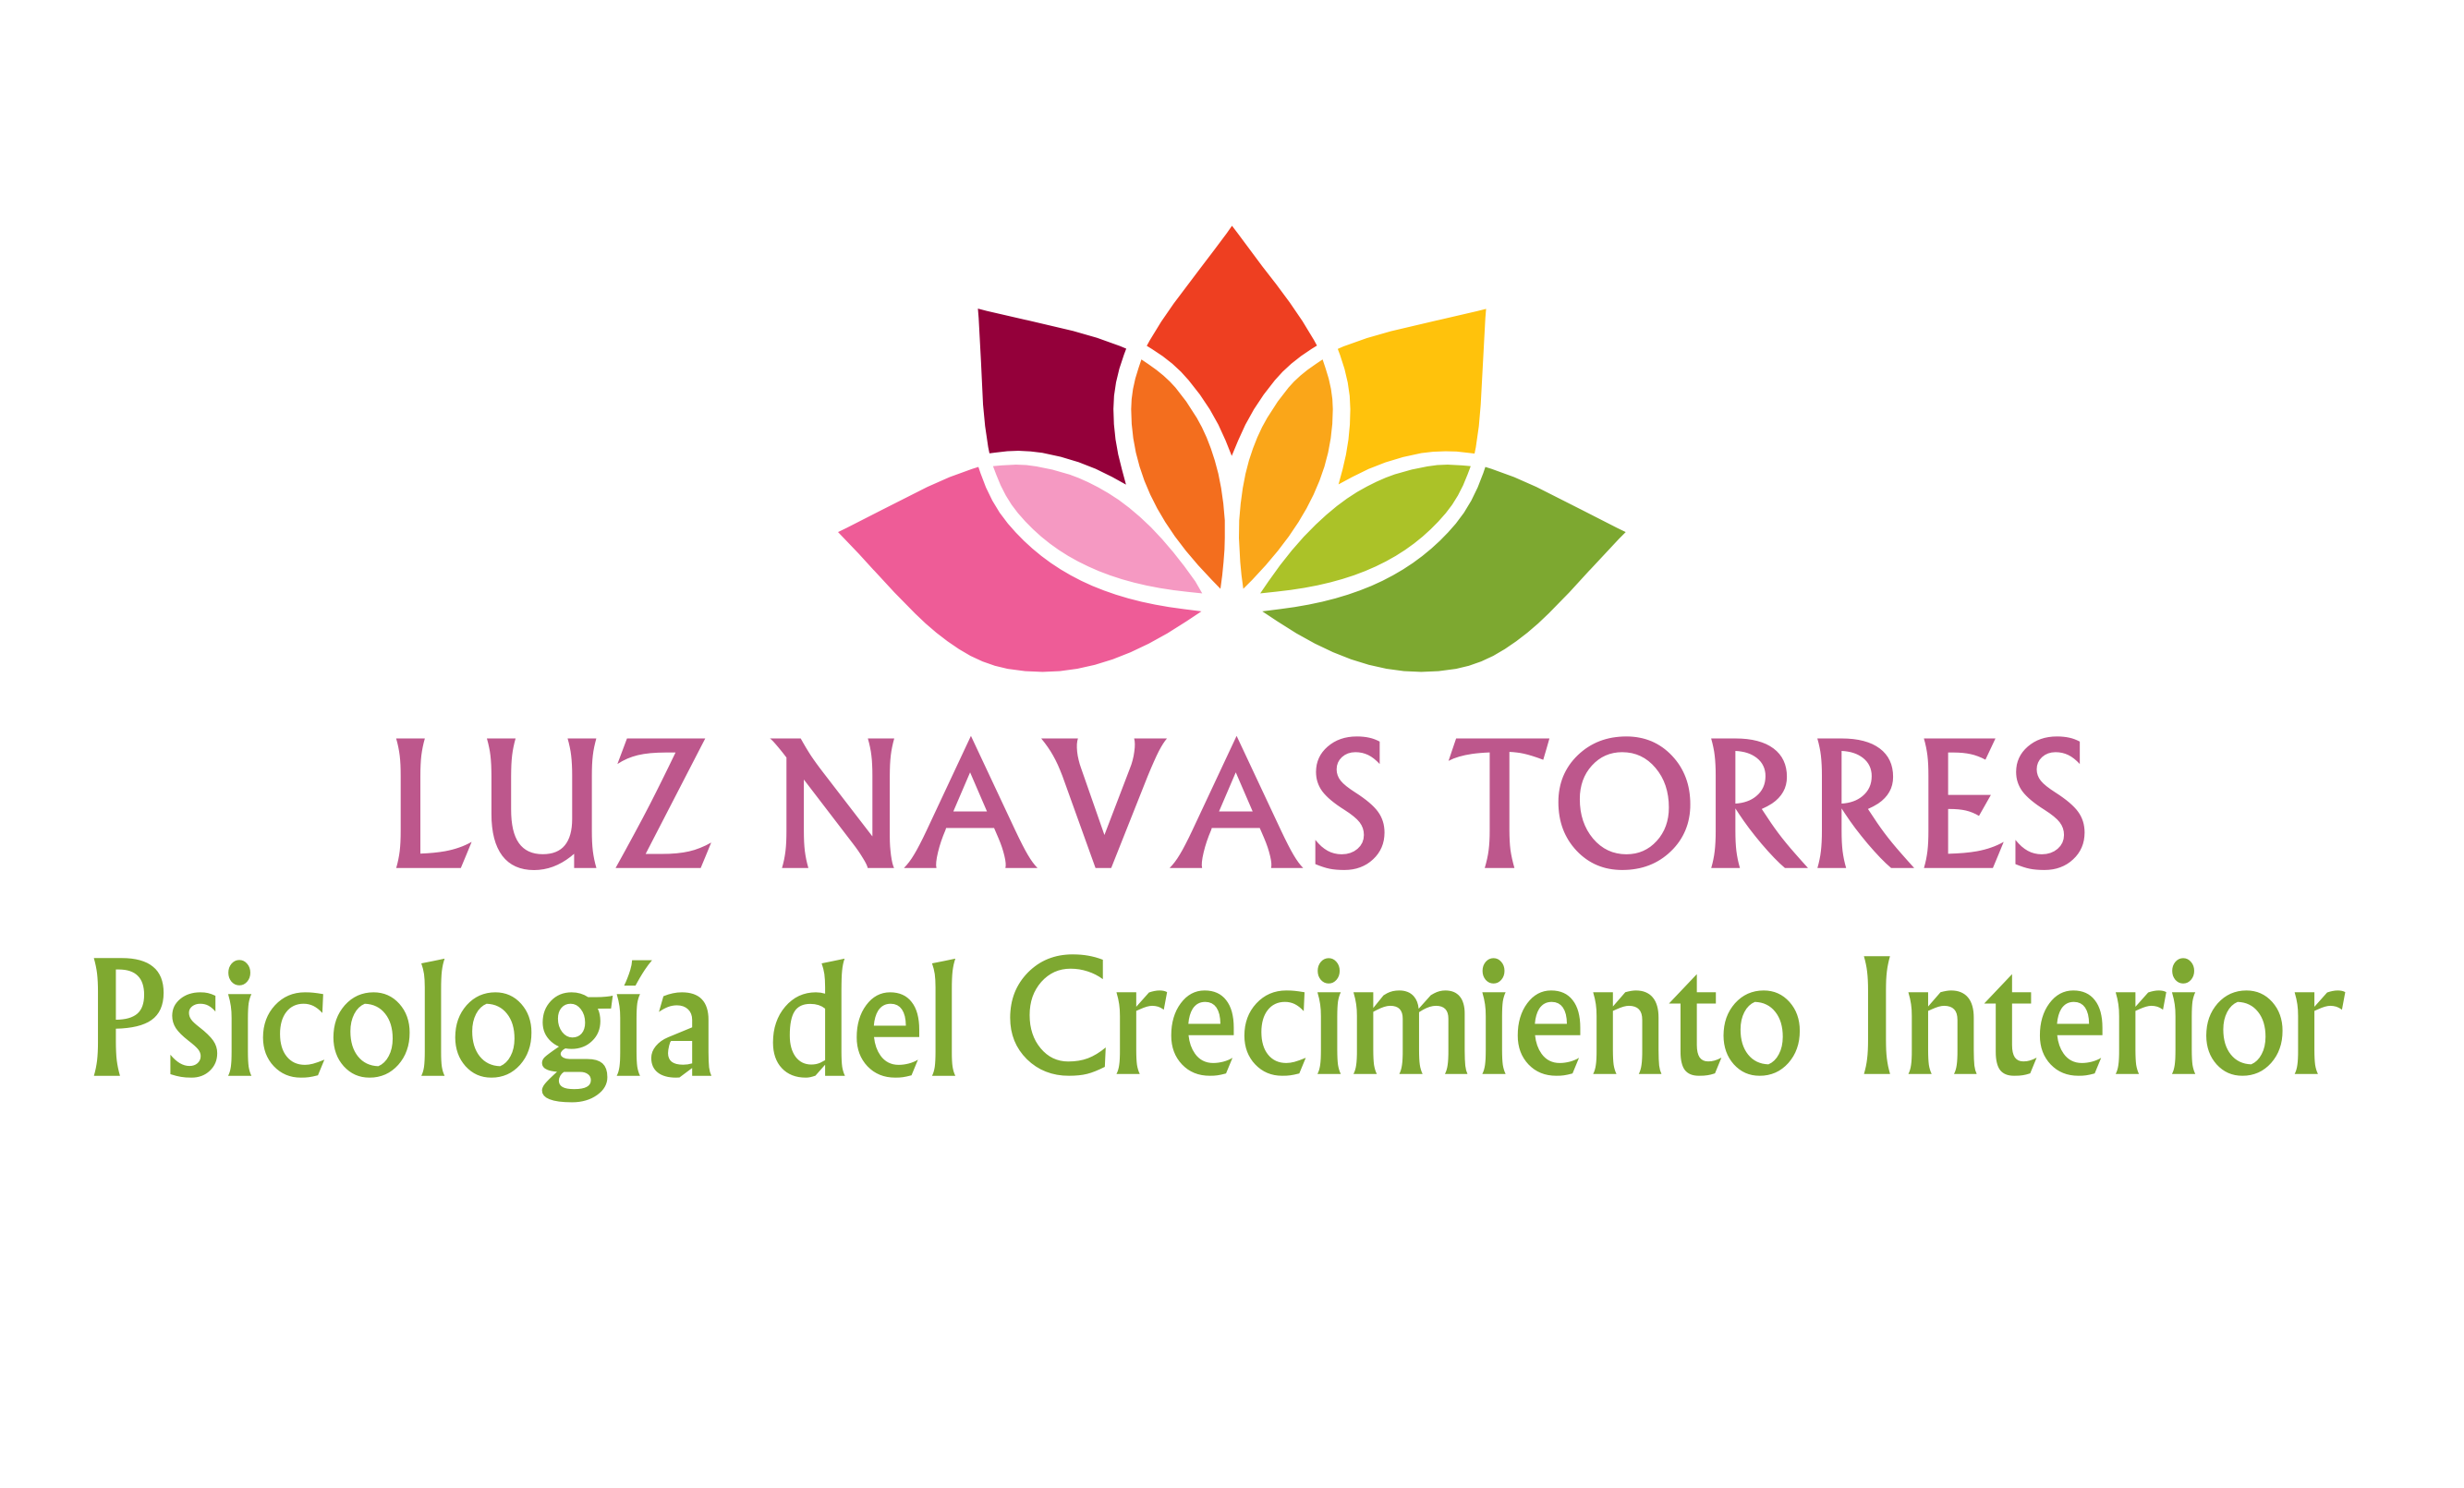 Luz Navas Torres